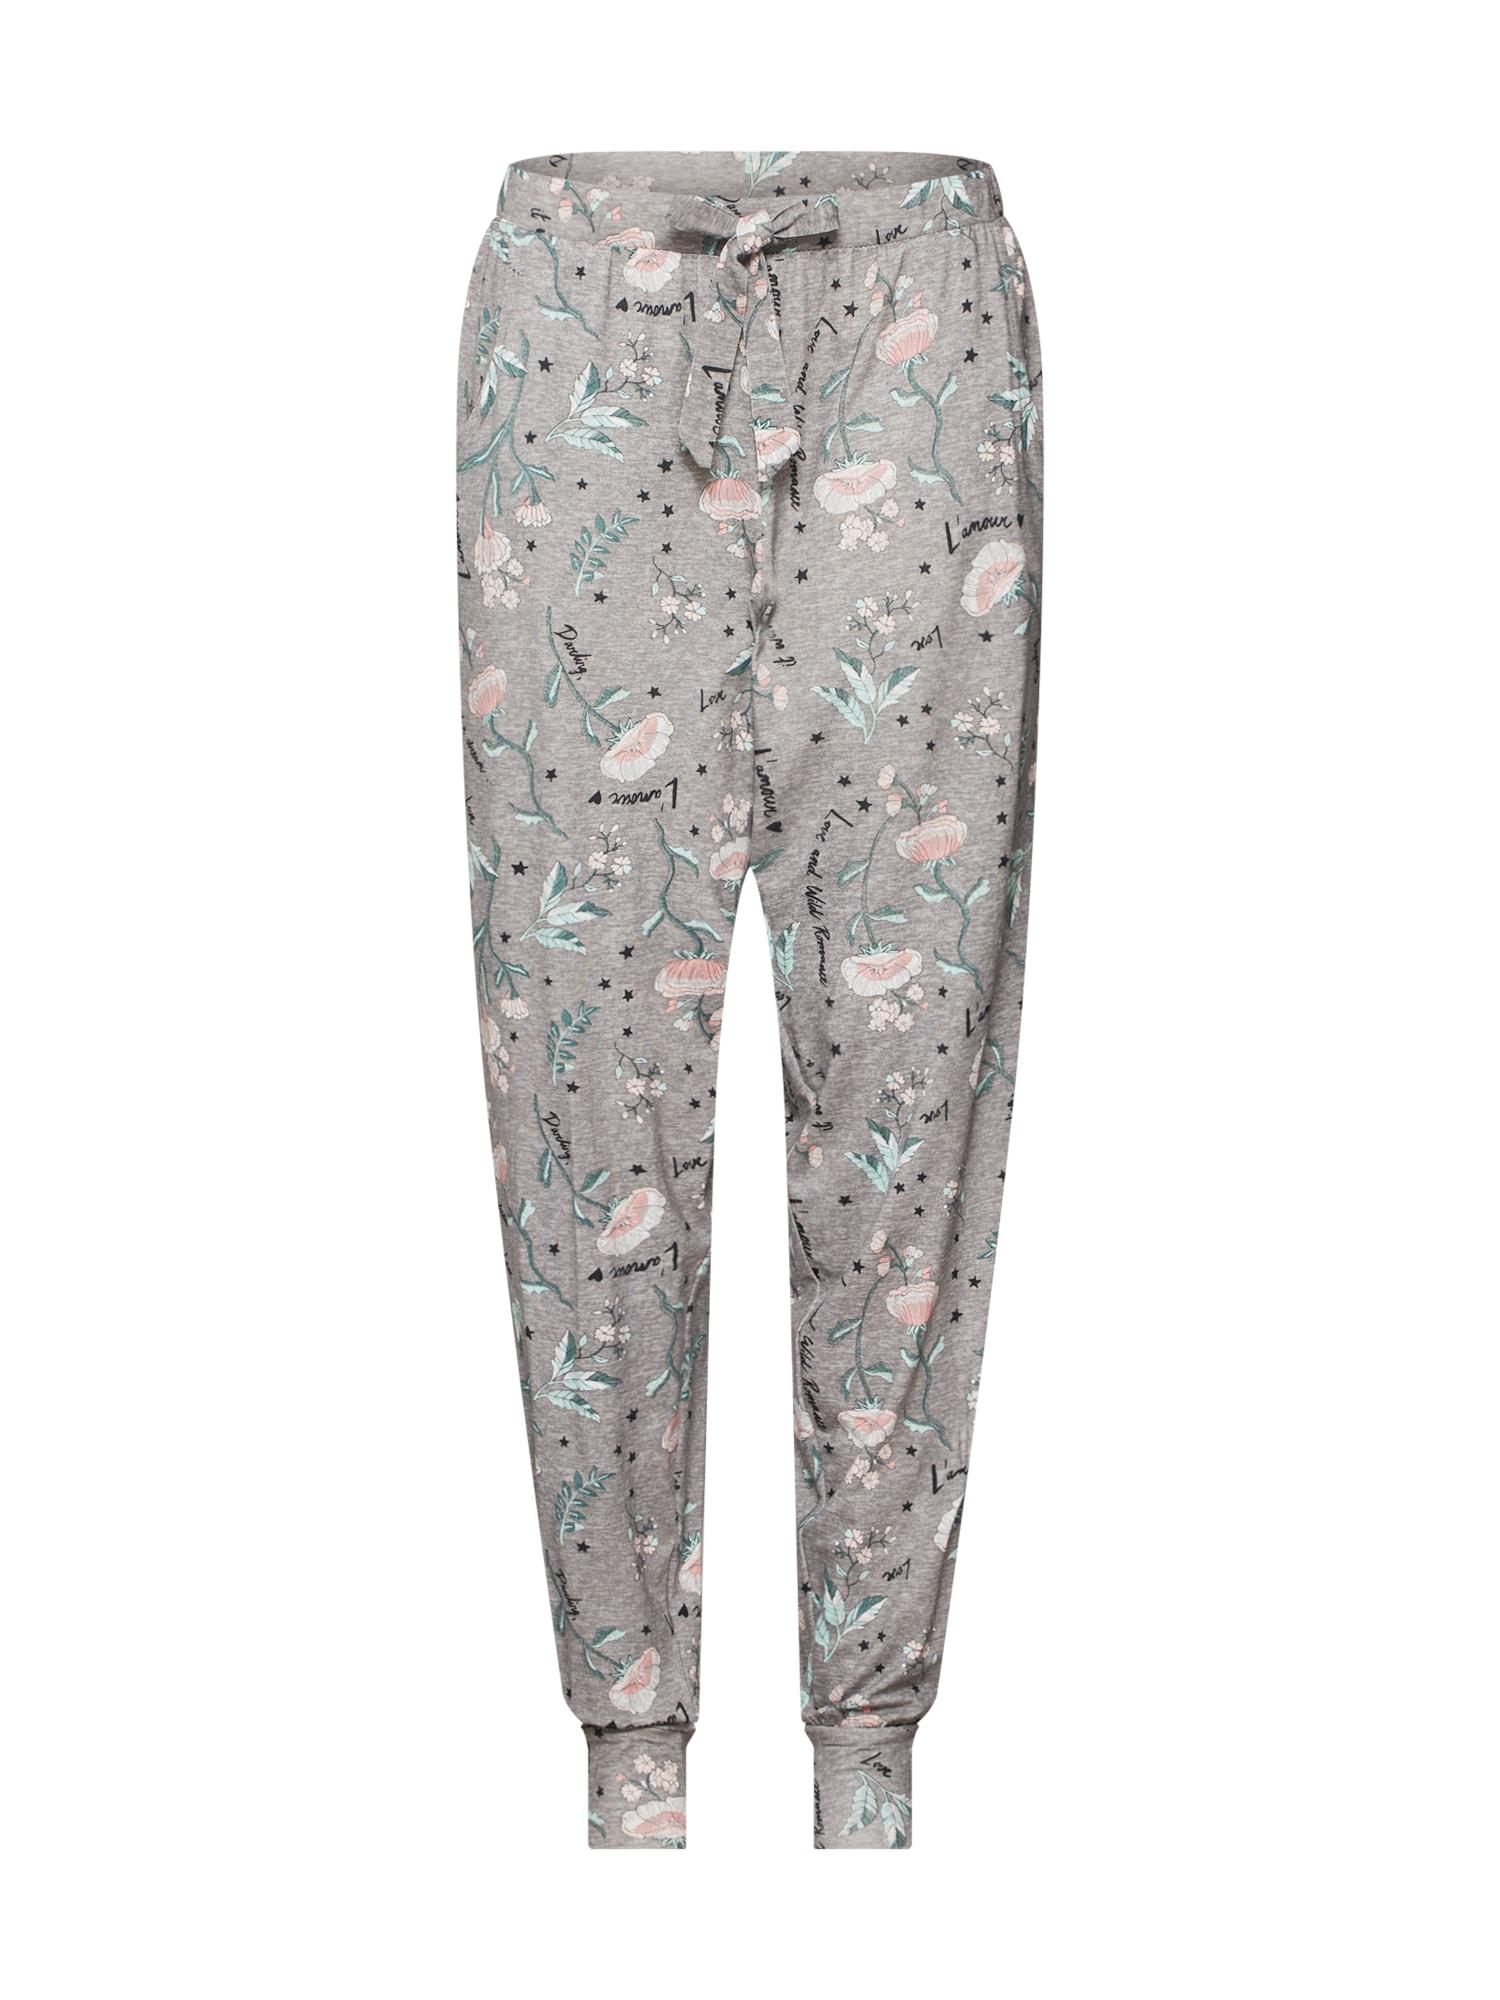 Pyžamové kalhoty Flower šedá mix barev Hunkemöller